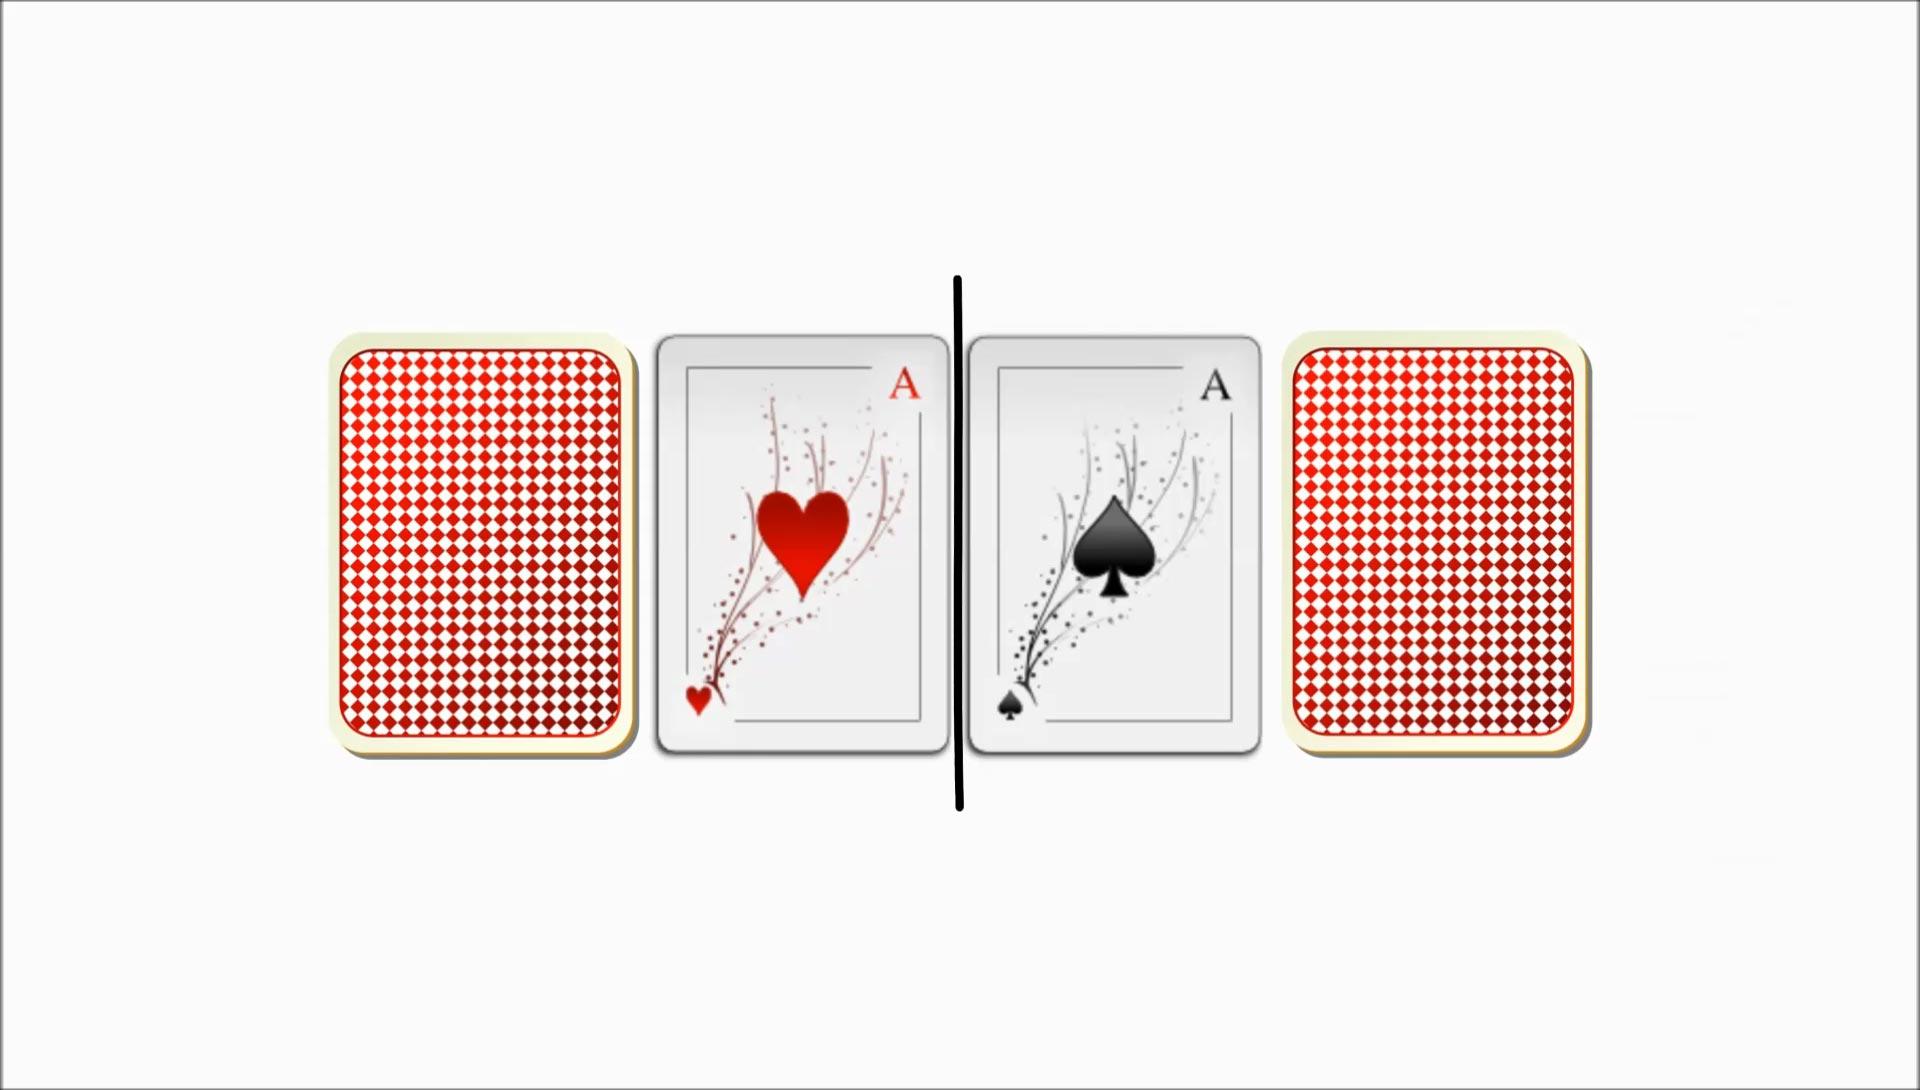 Blackjack wann splitten?